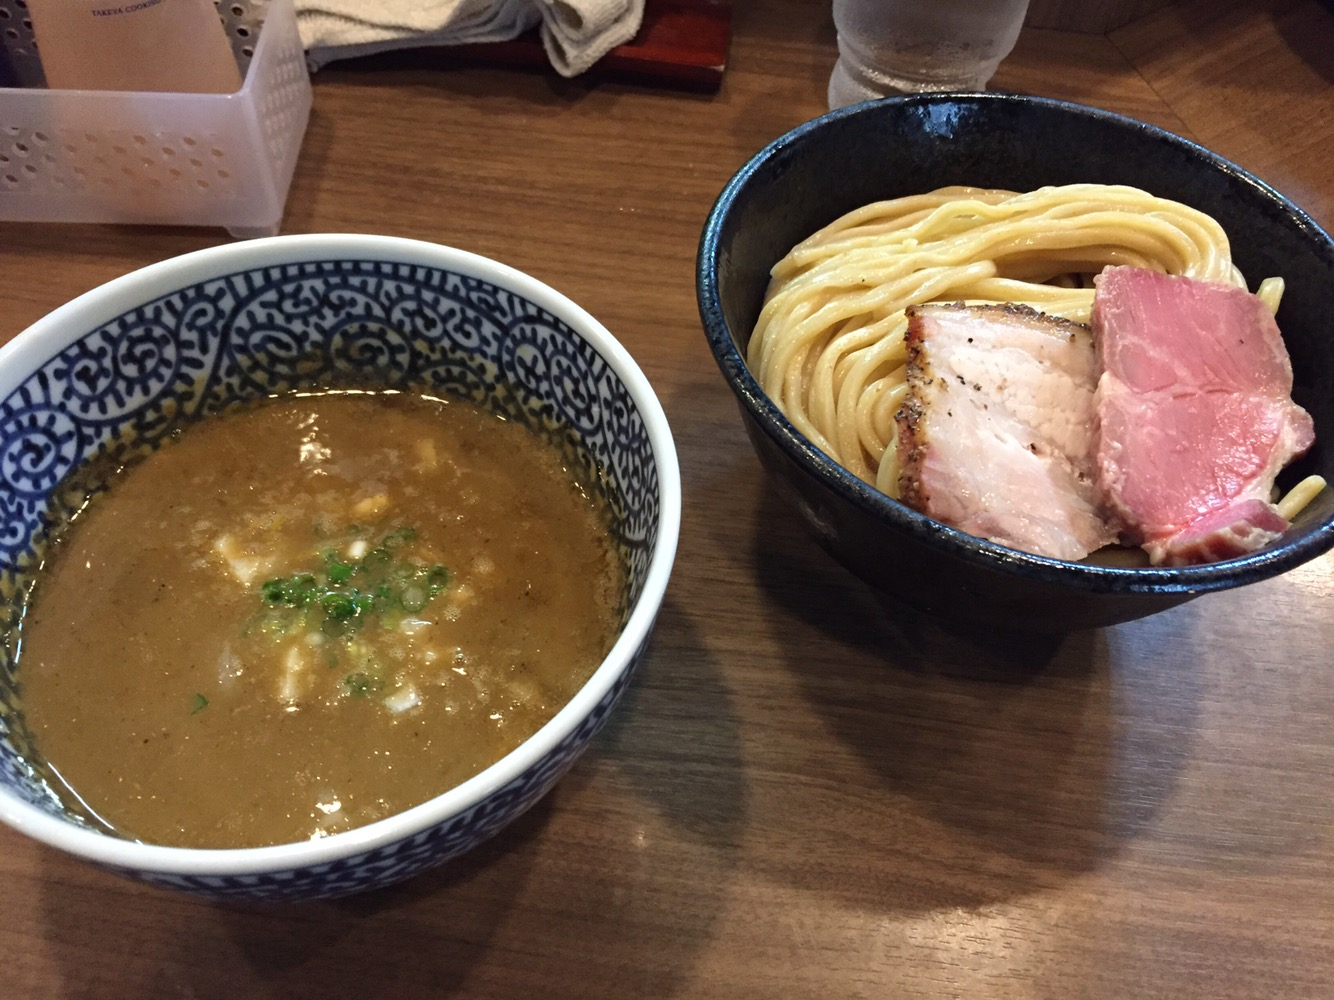 蒲田の行列つけ麵「煮干しつけ麺宮元」 実力派店主の自信の一杯は濃厚でワイルドな味!